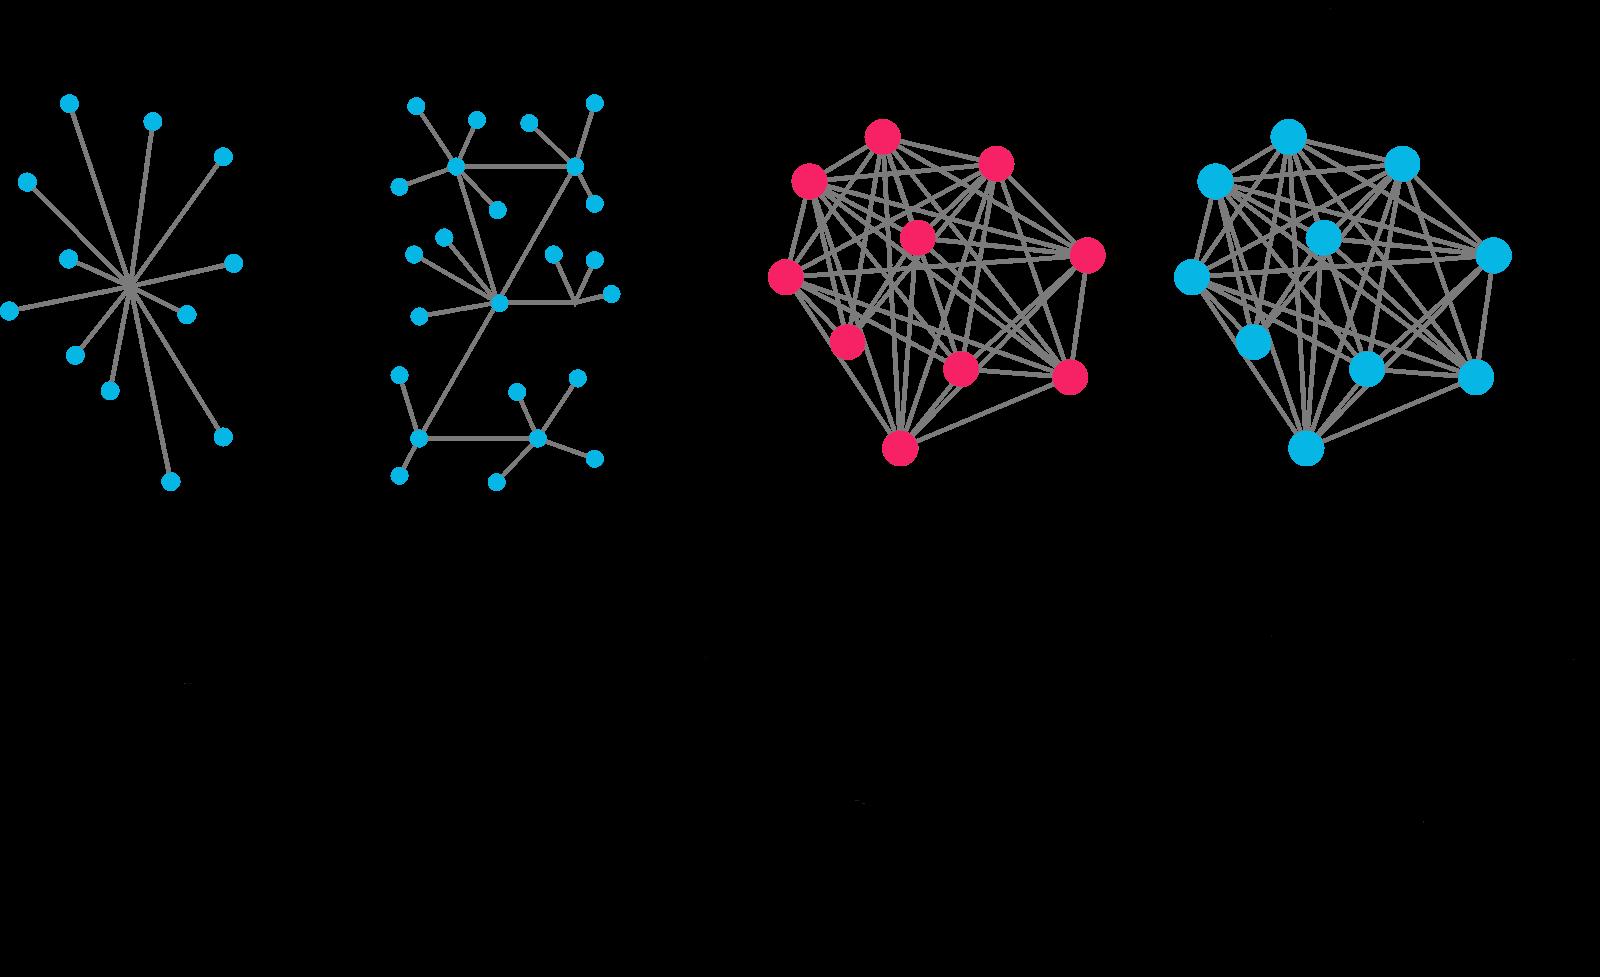 Mi az a blokklánc? Átfogó útmutató és jövőbeli alkalmazási területei